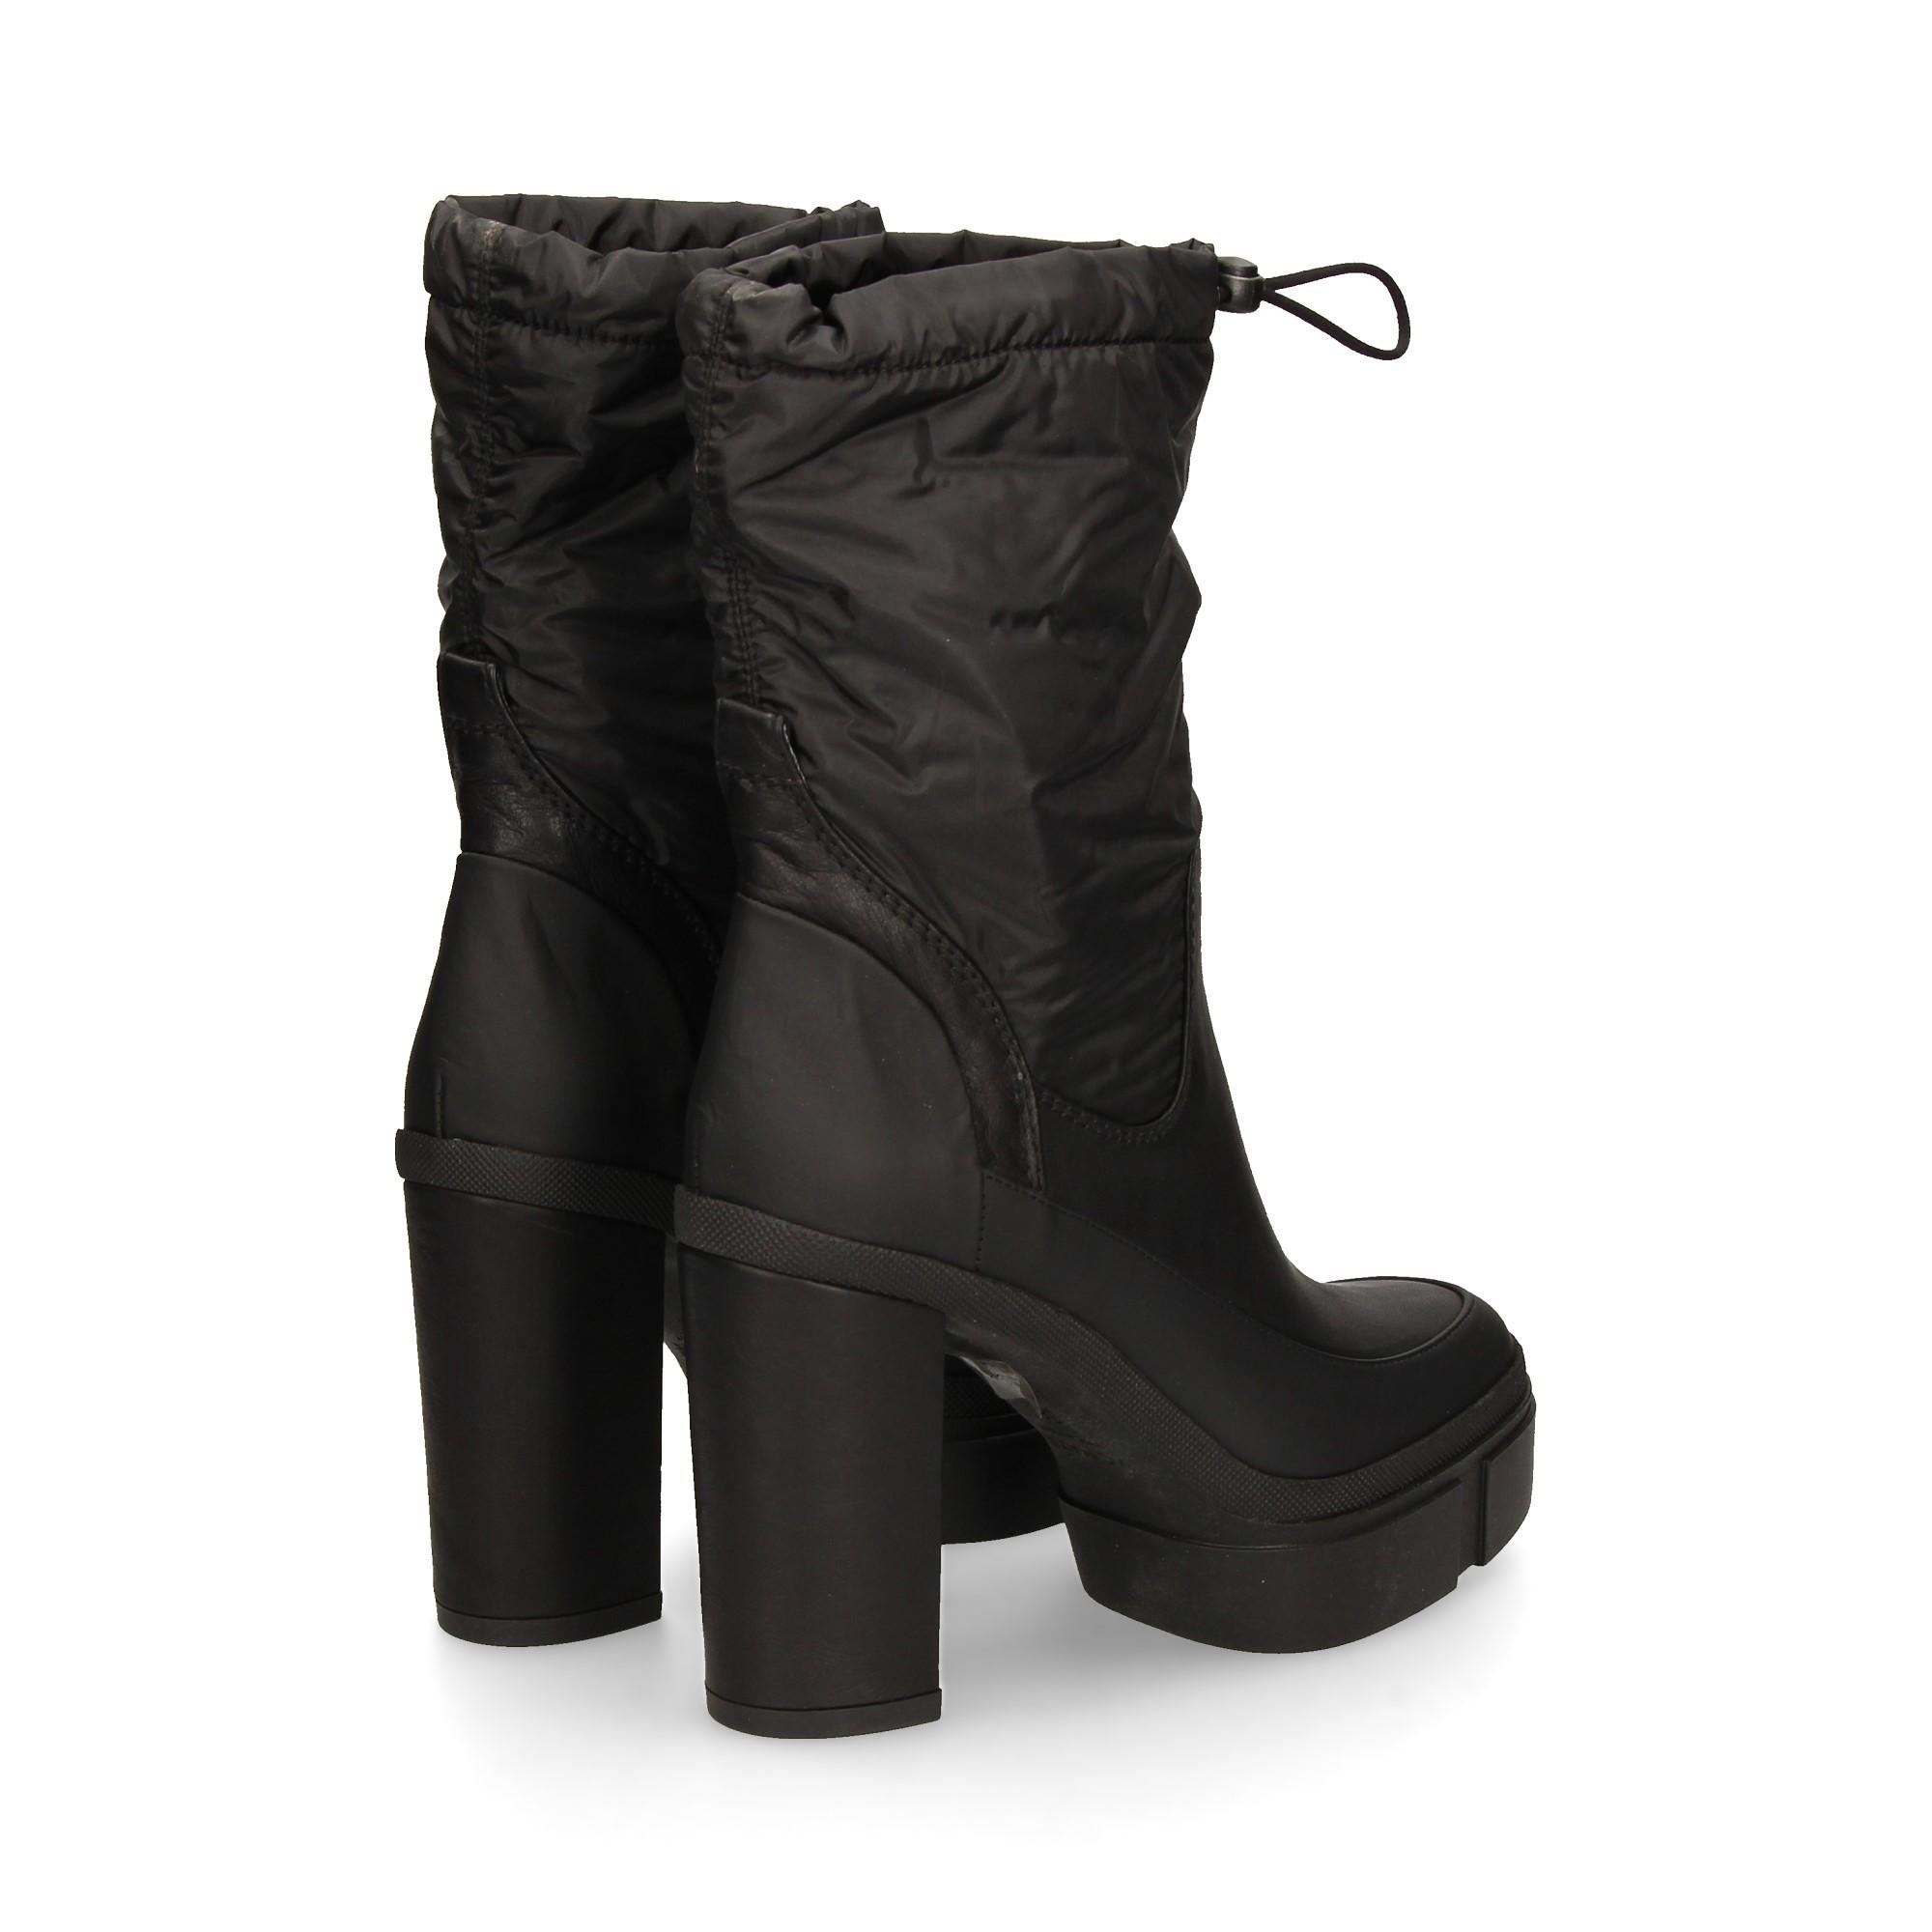 botin-plataforma-nylon-piel-negro